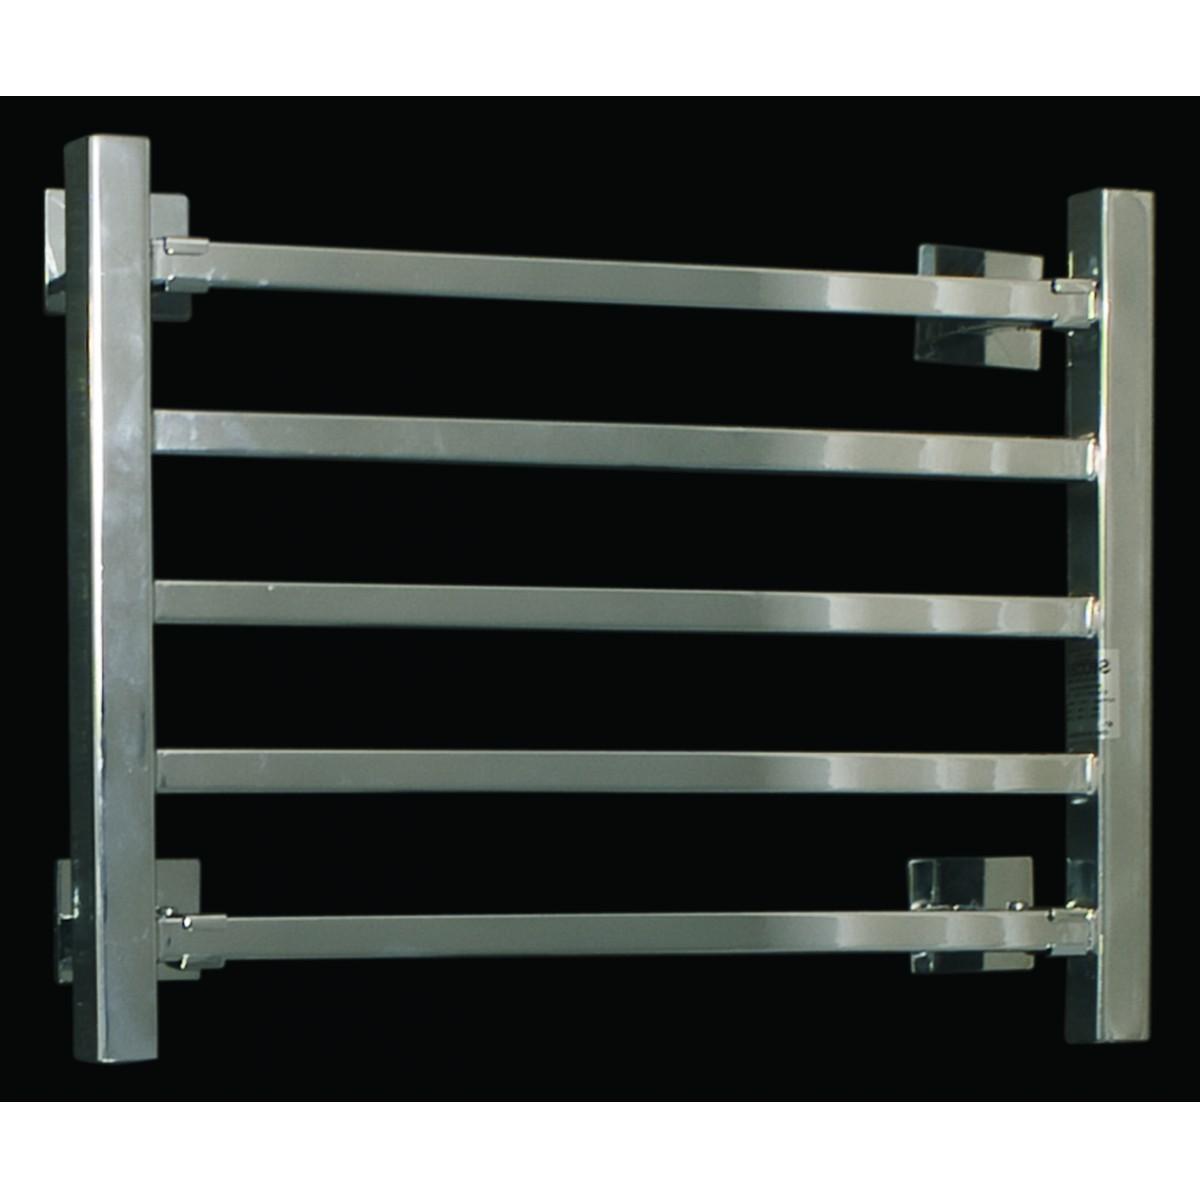 banheiro toalheiro elétrico metais acessórios para banheiro #080B0A 1200x1200 Acessorios Banheiro Deca